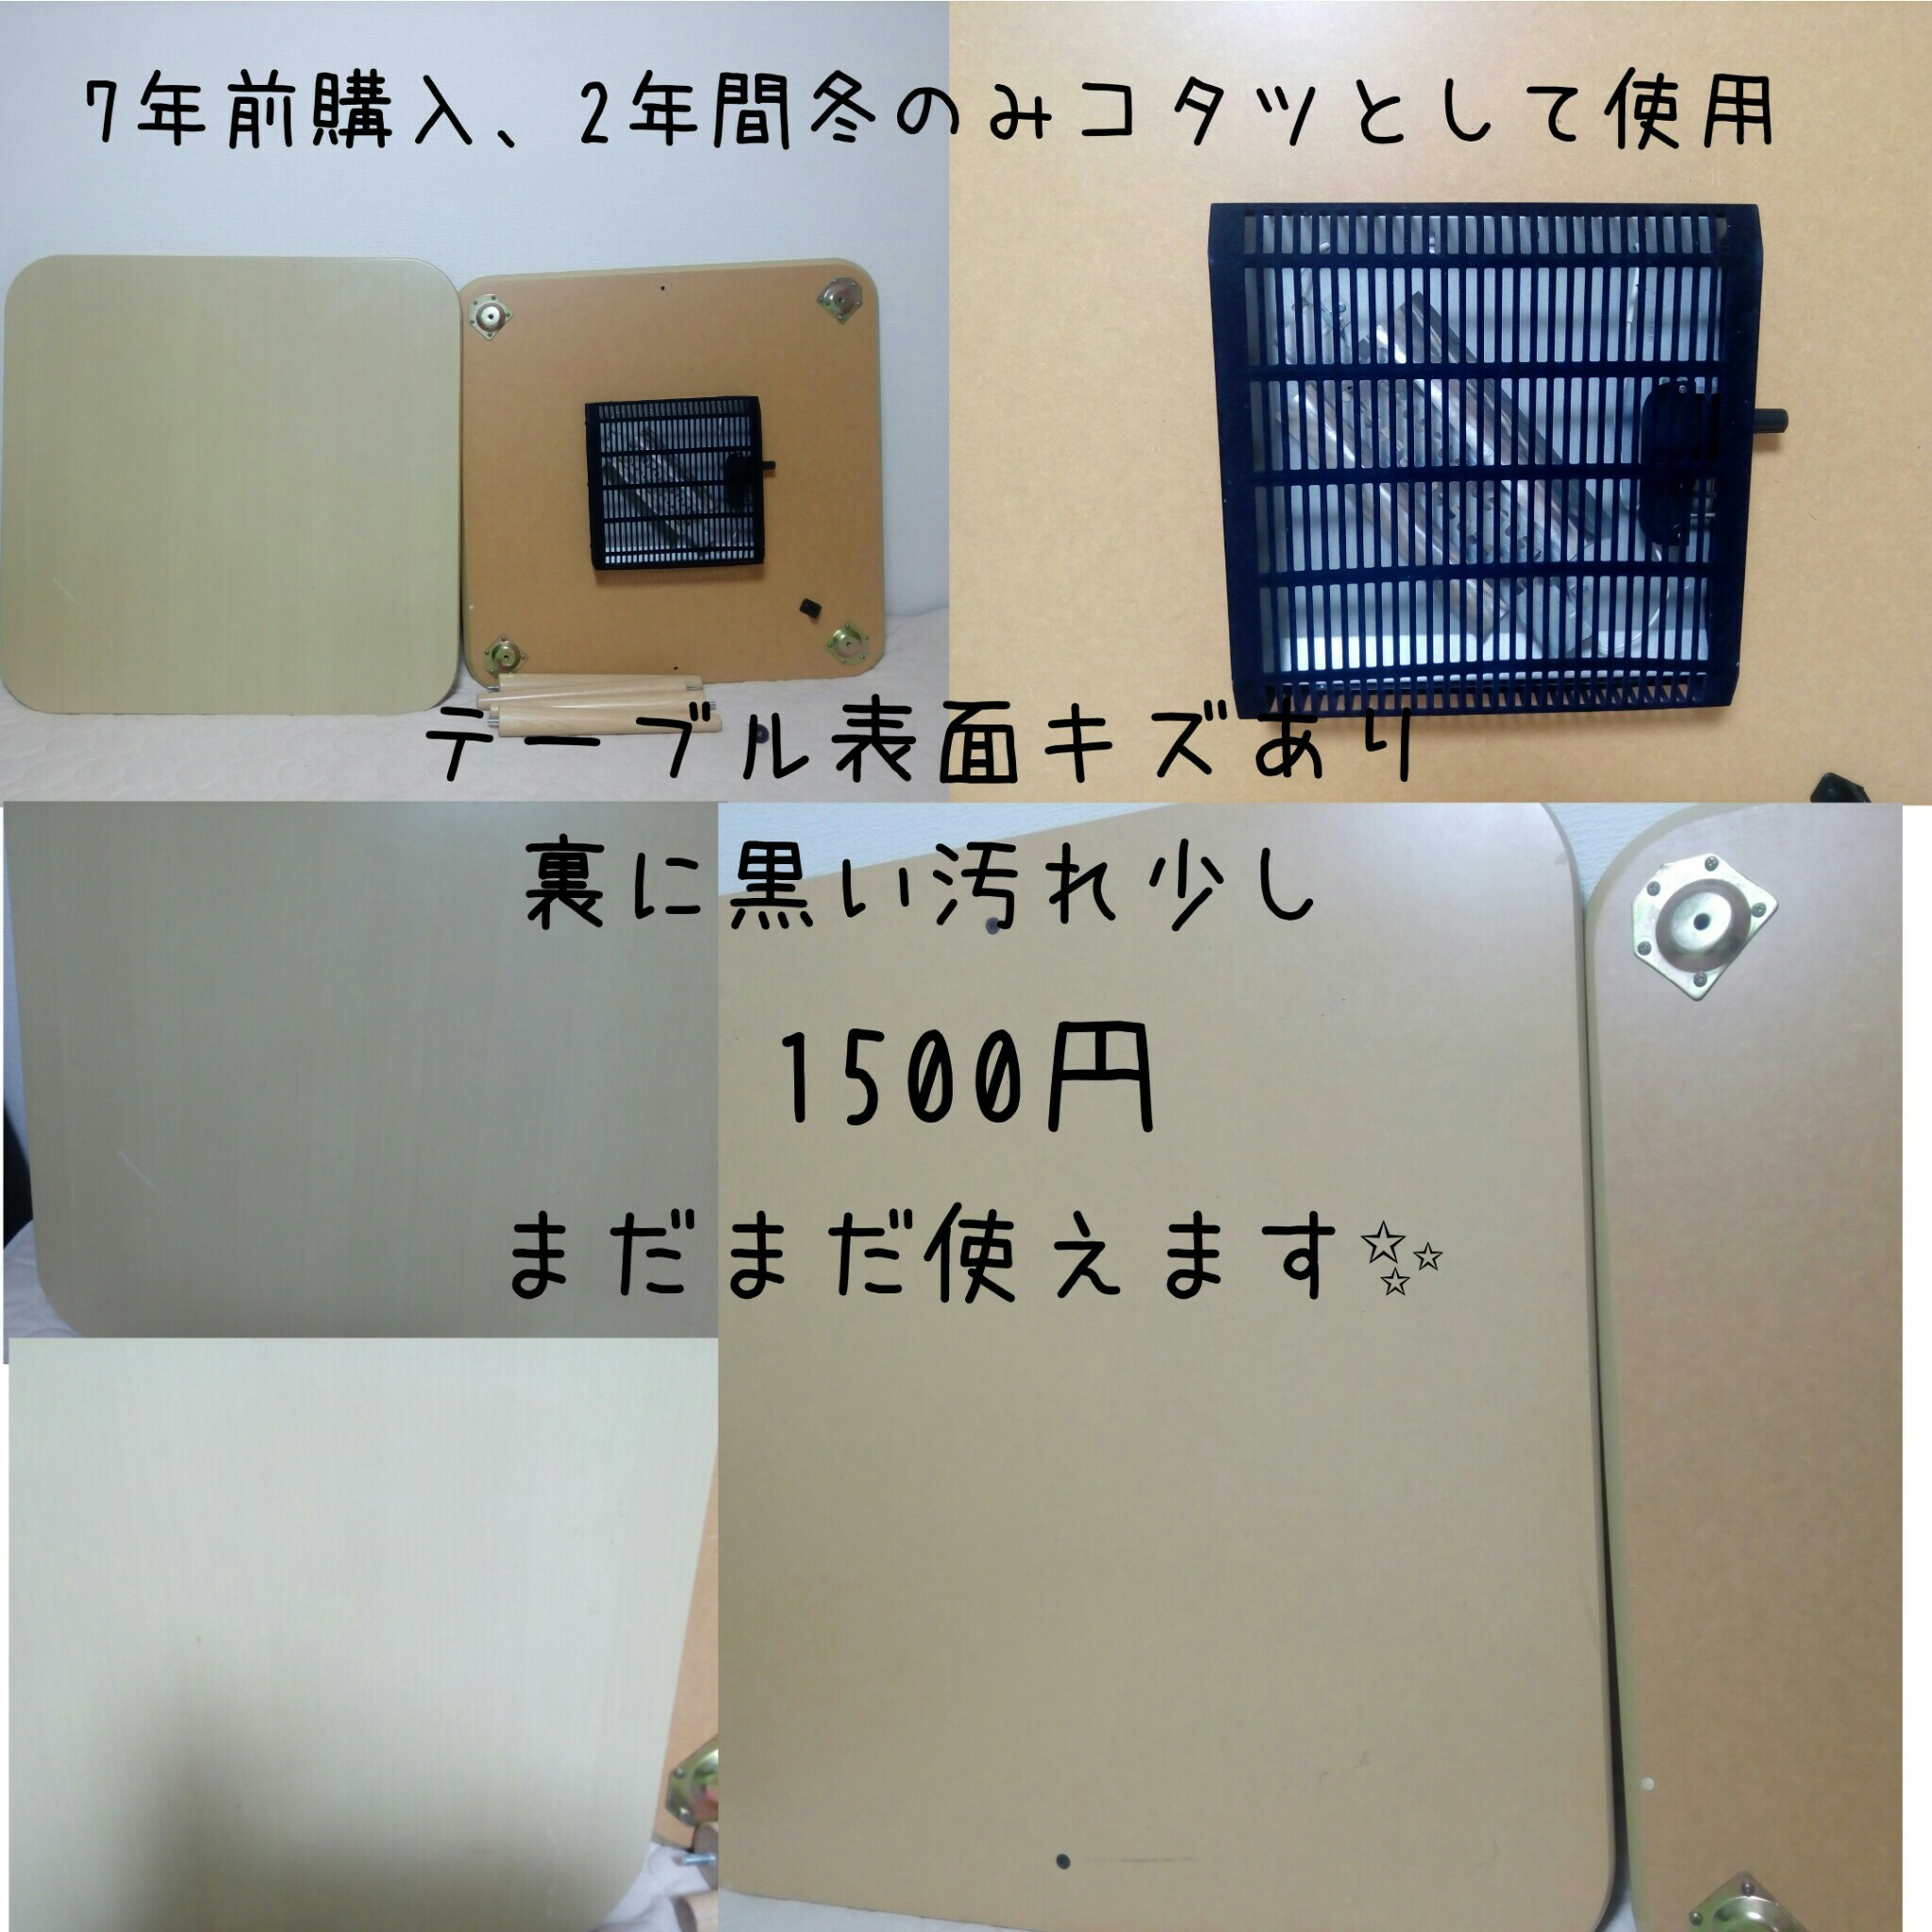 ④こたつ 1500円